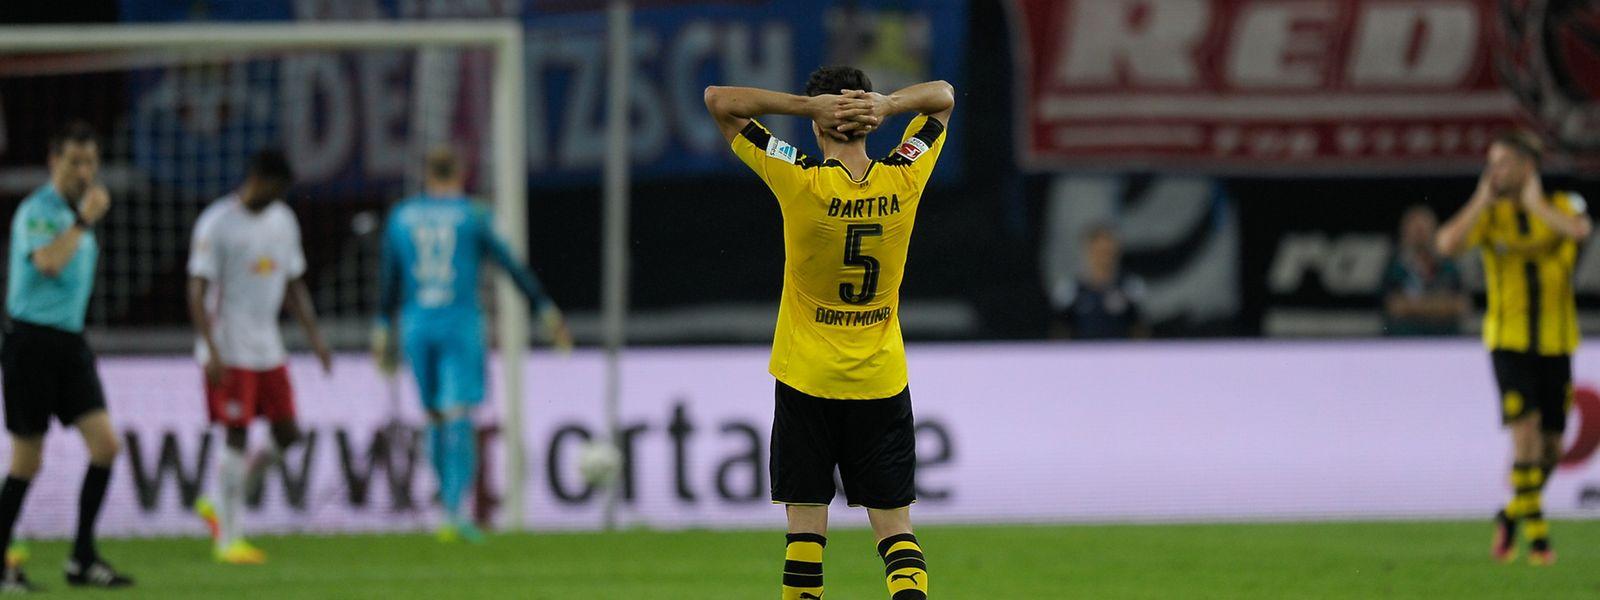 Marc Bartra und die Dortmunder unterlagen mit 0:1 in Leipzig.